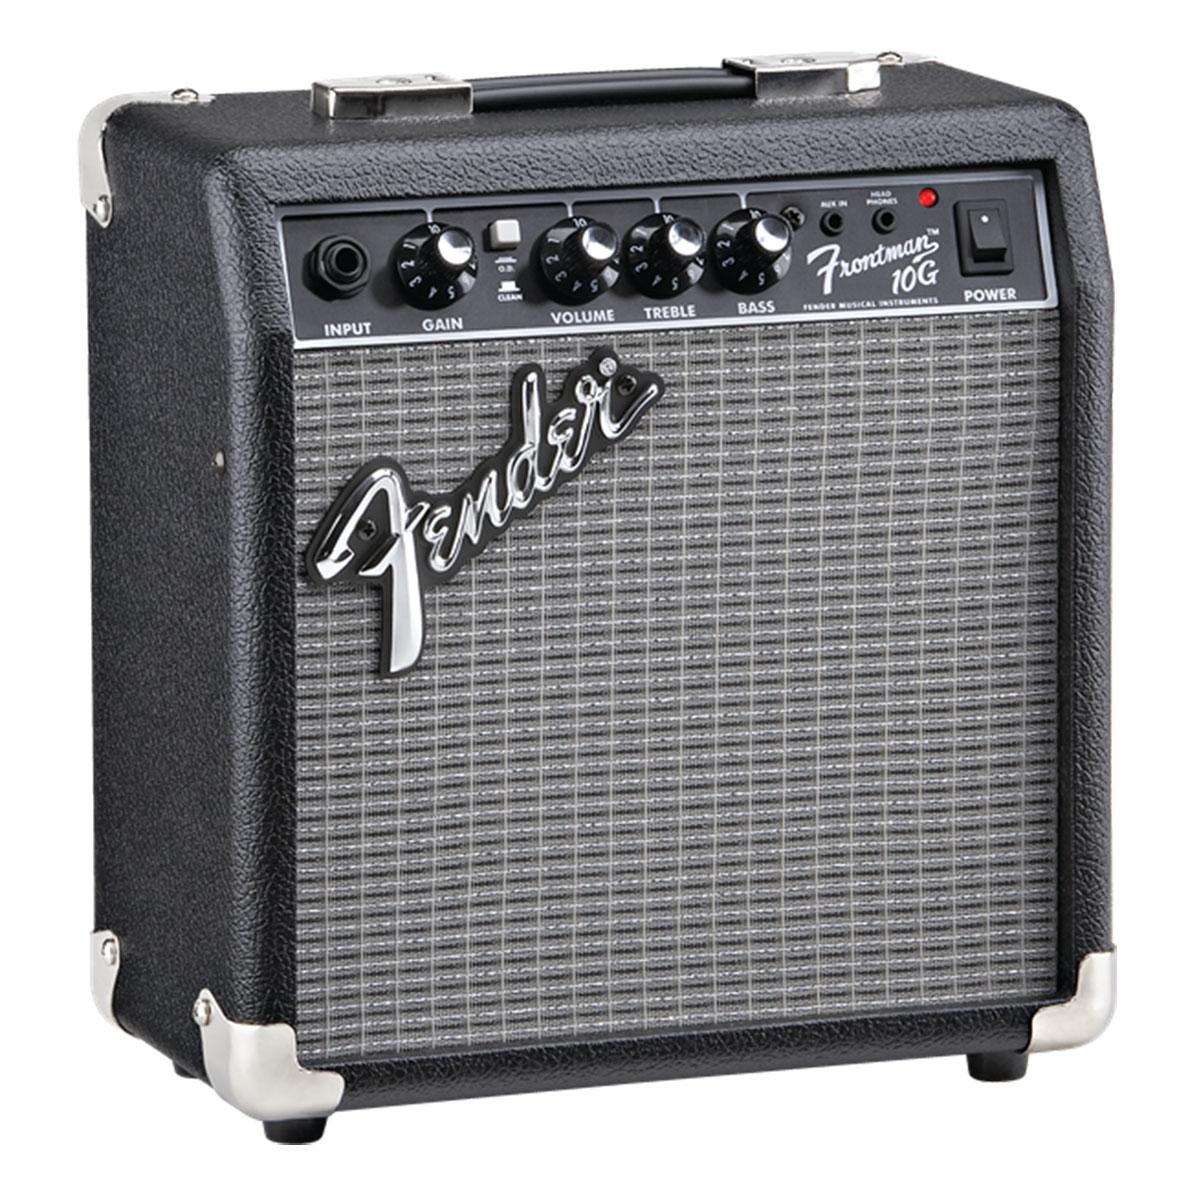 Fender - Frontman 10G